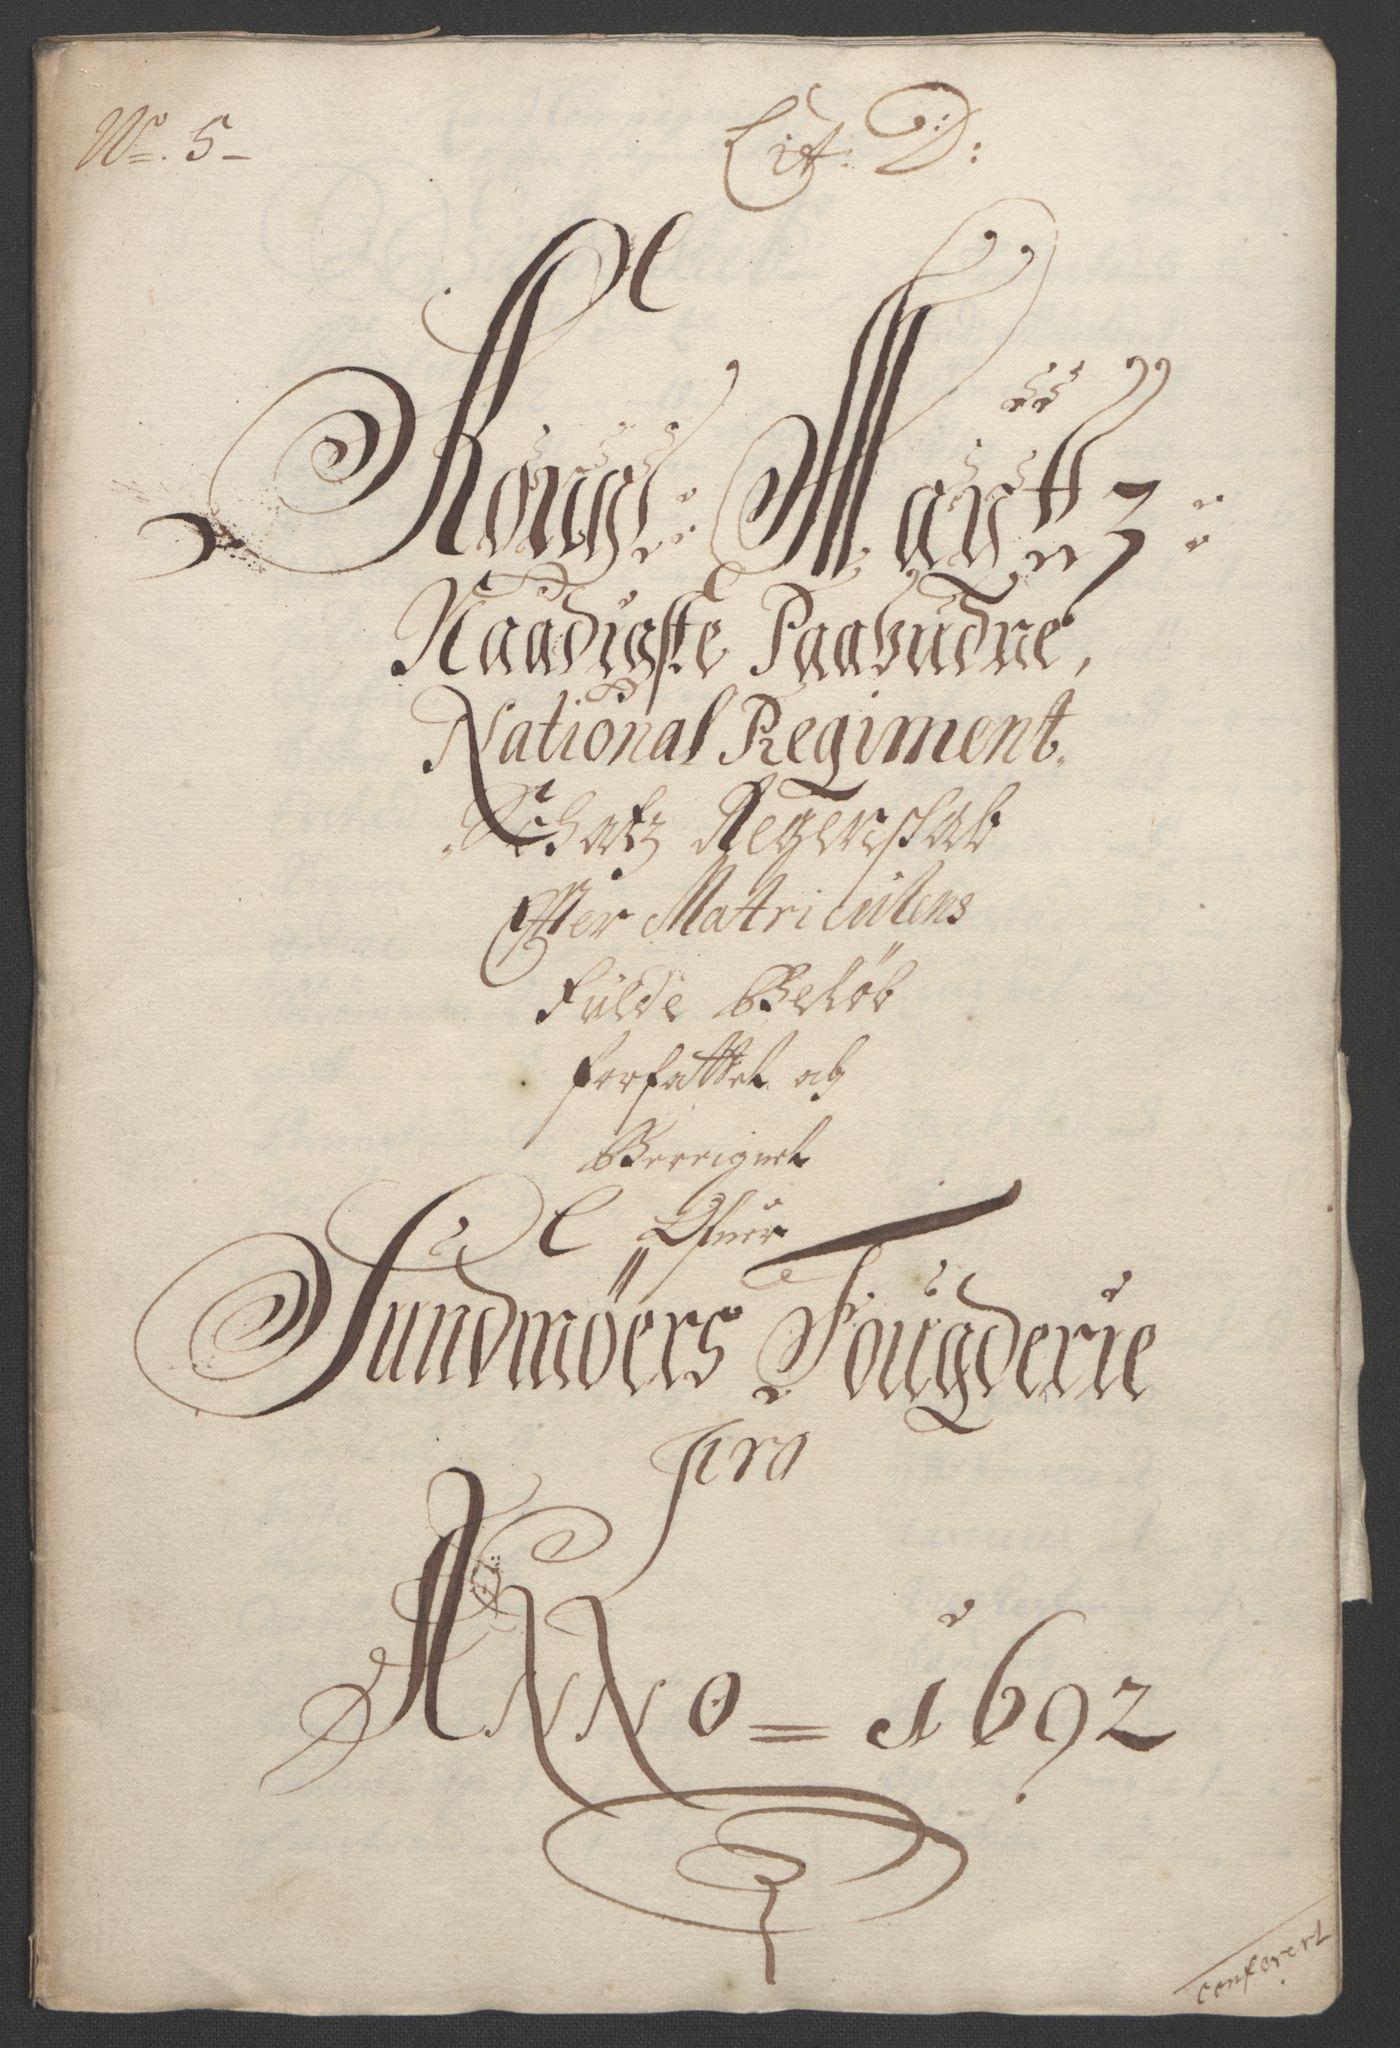 RA, Rentekammeret inntil 1814, Reviderte regnskaper, Fogderegnskap, R54/L3554: Fogderegnskap Sunnmøre, 1691-1693, s. 204